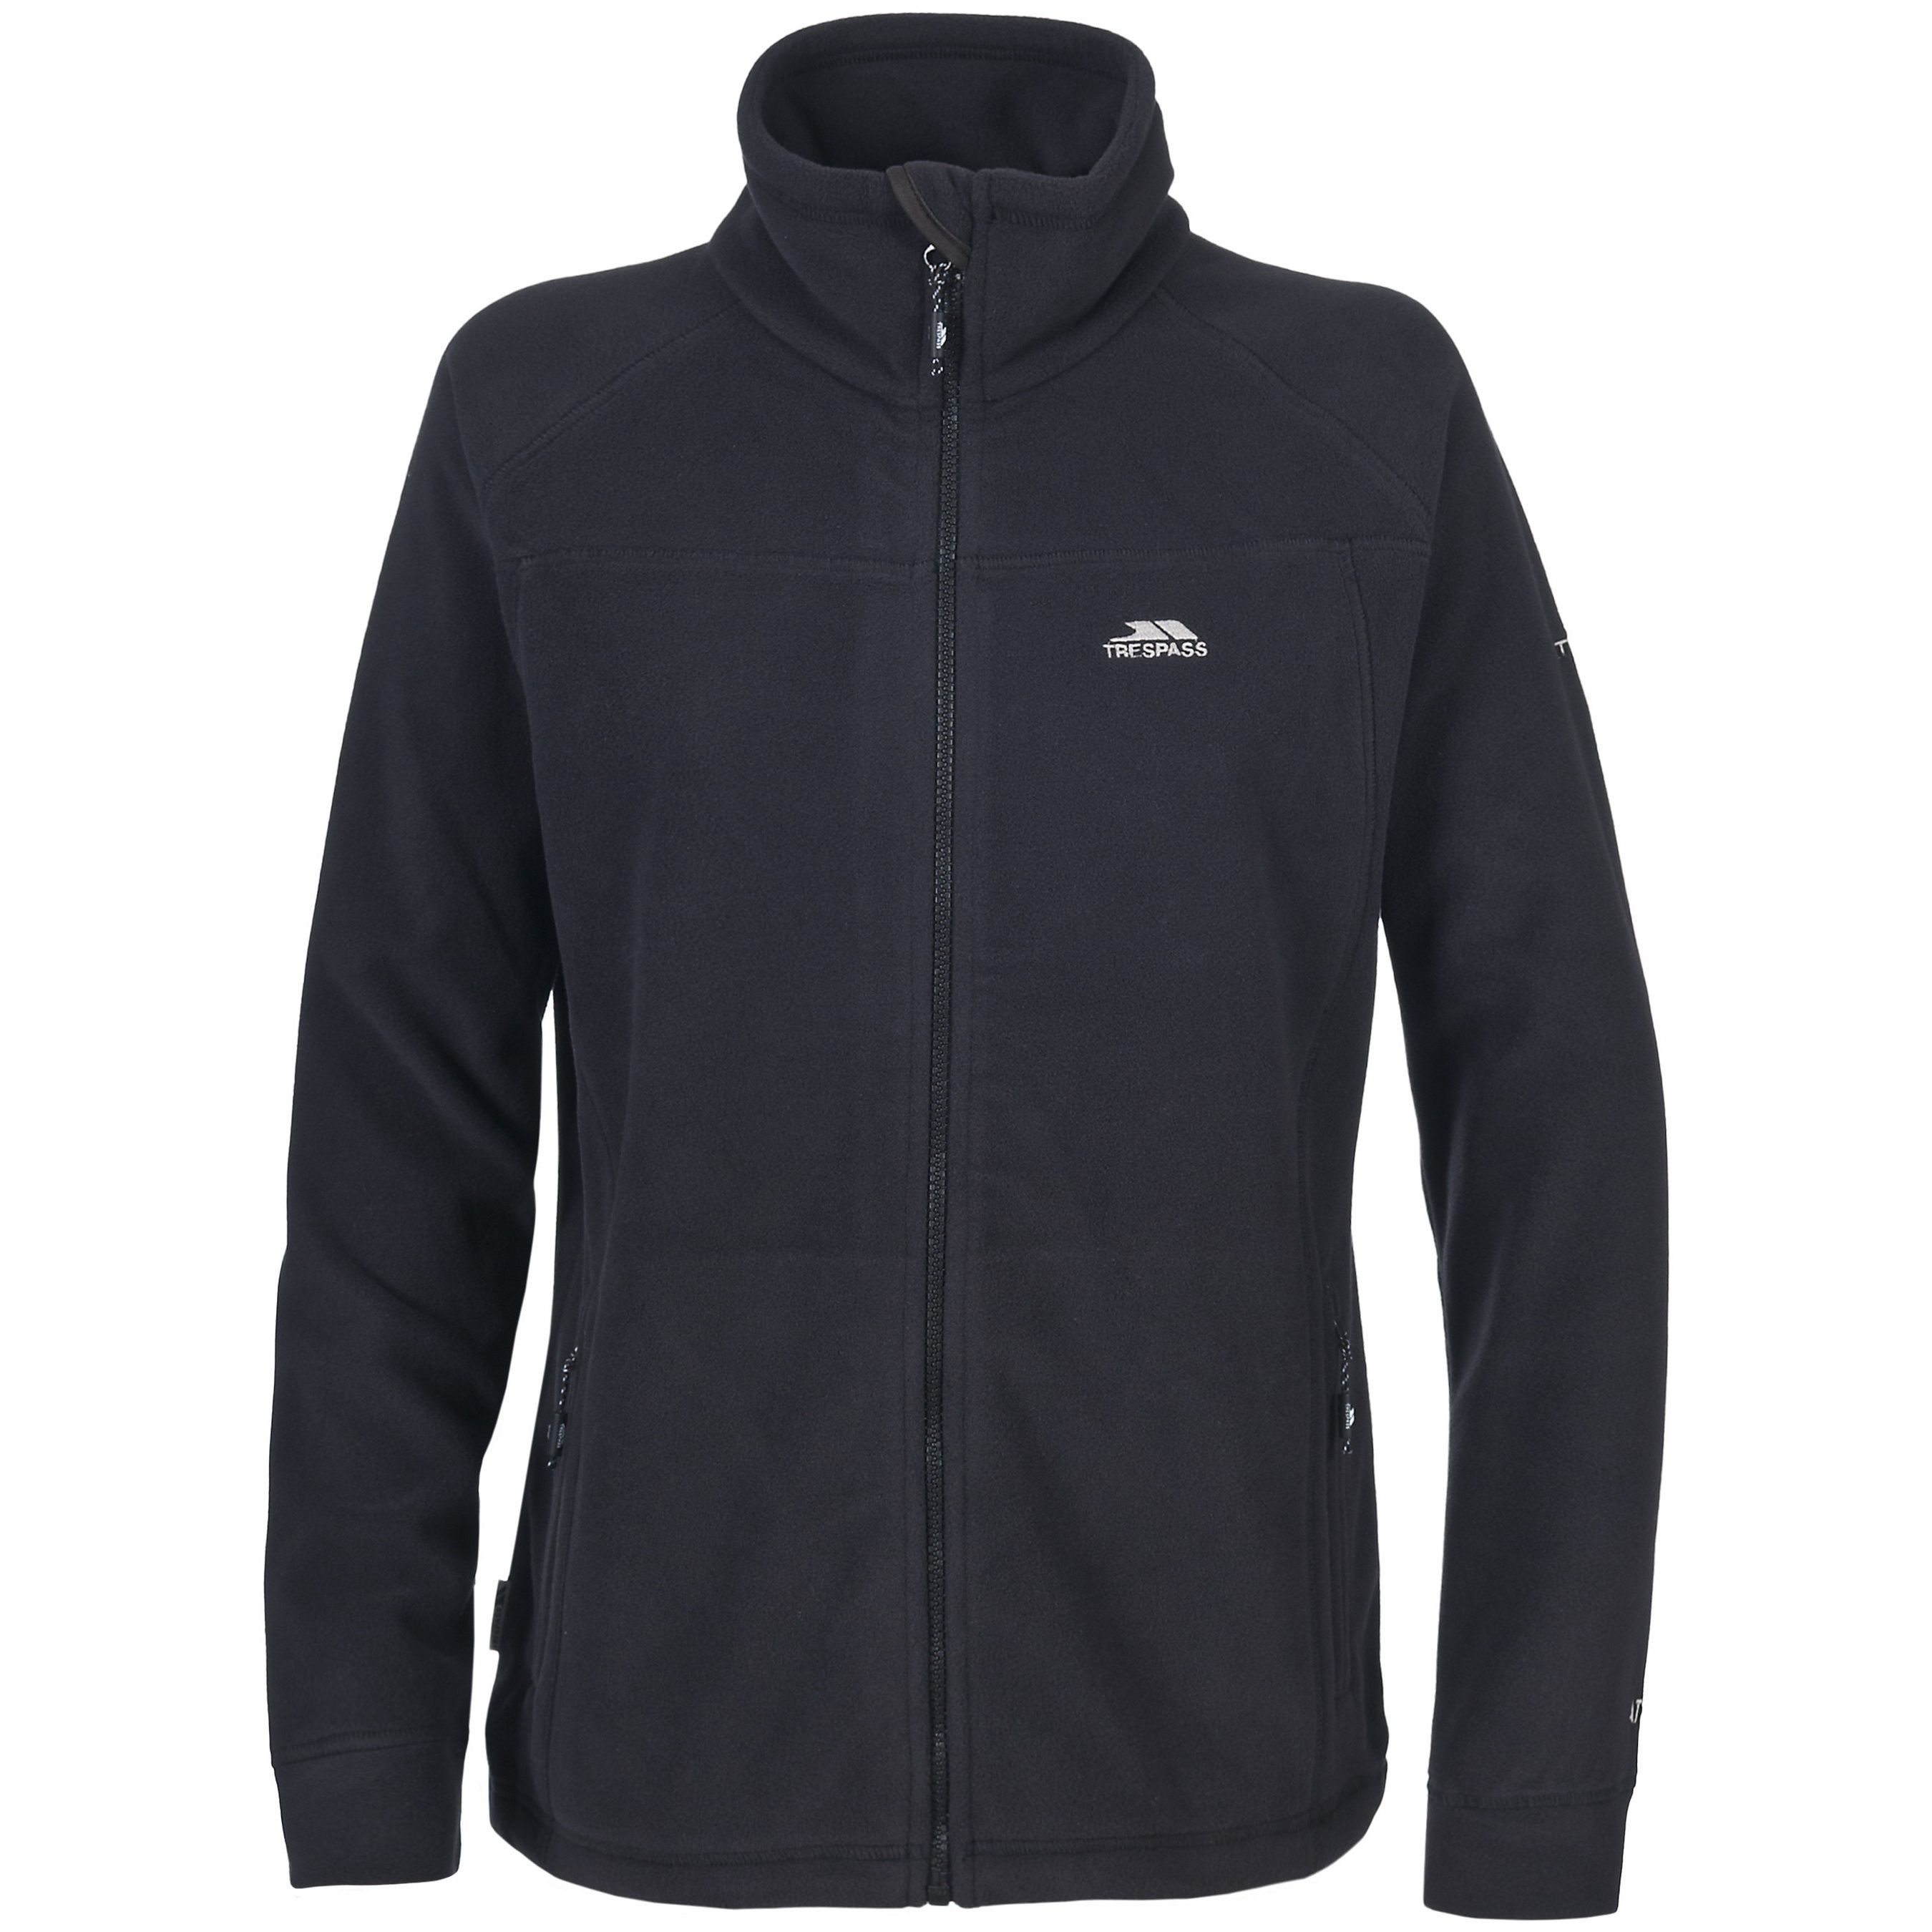 Trespass Womens/Ladies Adalyn Full Zip Fleece Jacket